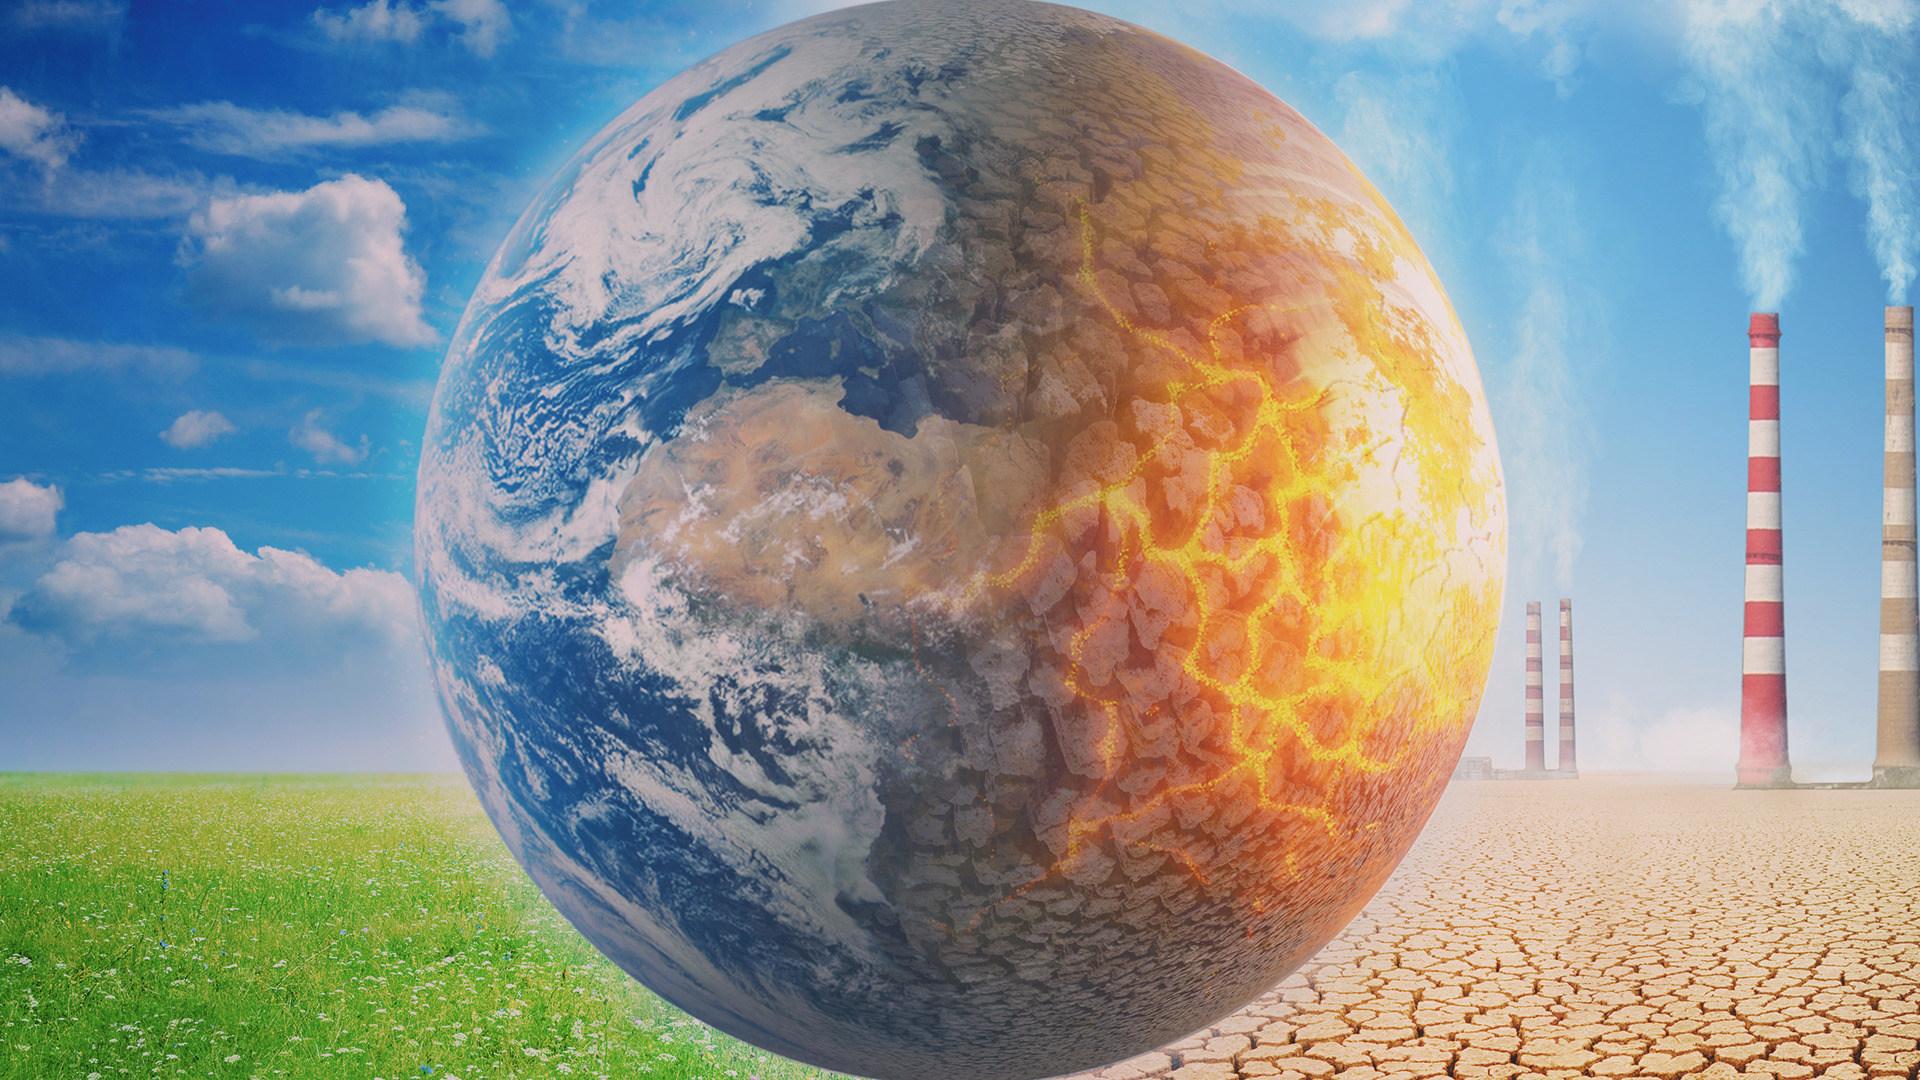 Energie, Umwelt, Erde, Klima, Planet, Umweltschutz, ökostrom, Klimaschutz, Fabrik, Welt, Klimawandel, Globus, Erderwärmung, Klimaerwärmung, Klimapolitik, Erwärmung, Climate, Umweltfreundlich, Temperatur, Greenpeace, Ozean, Weltklimagipfel, Pflanze, Regenwald, Urwald, Wald, Himmel, Verantwortung, Deutsche Umwelthilfe, Baum, Nordpol, Bäume, Plan B, Katastrophen, Katastrophe, Jahreszeiten, Pole, Supernova, Schornstein